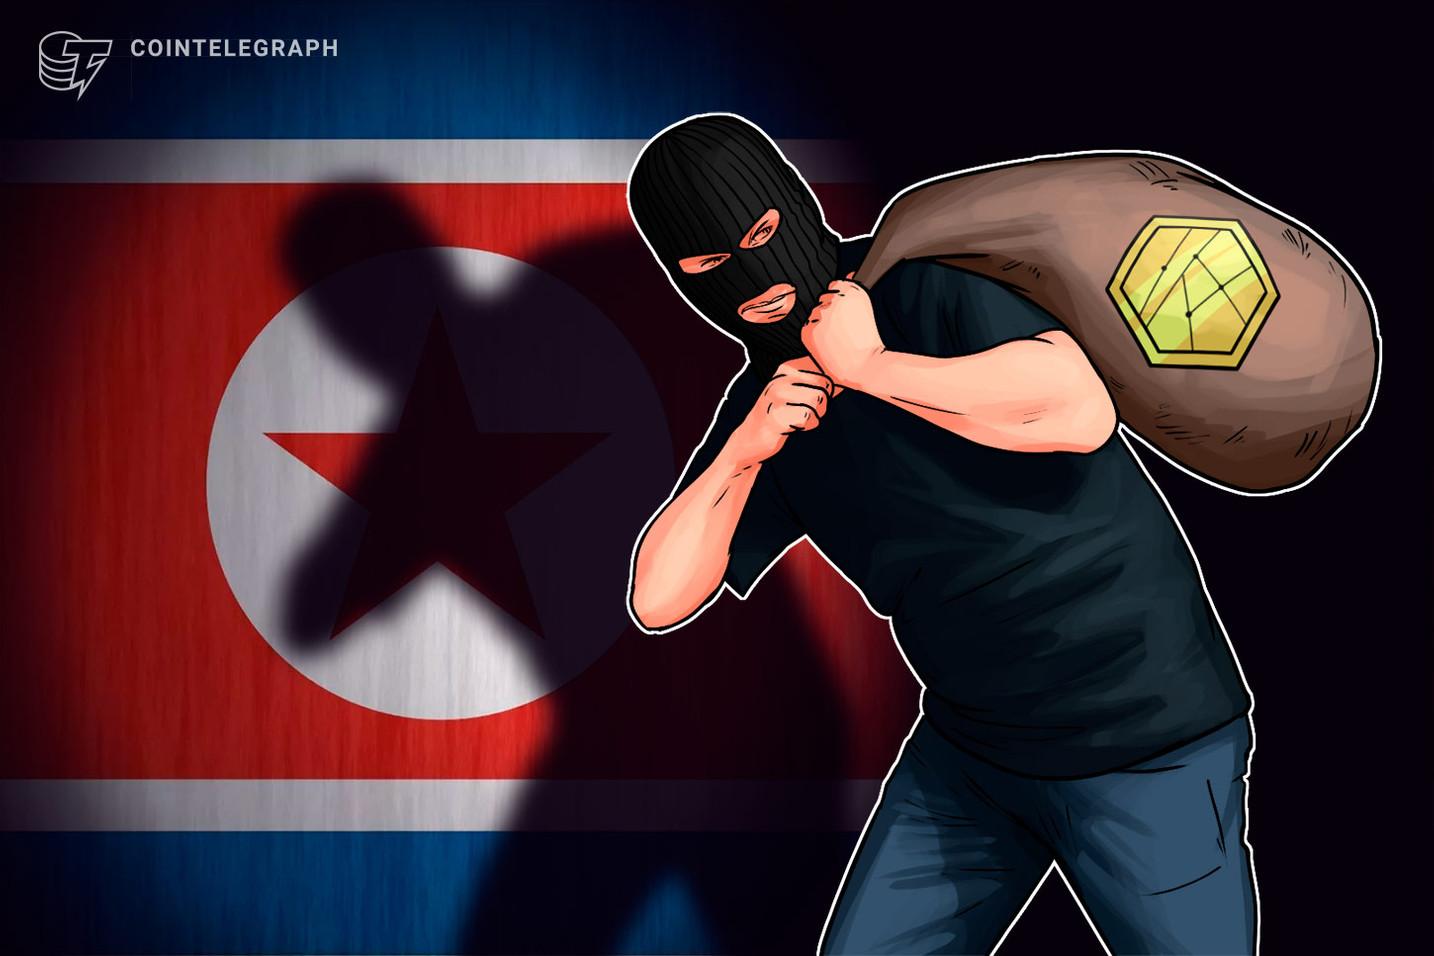 北朝鮮による仮想通貨マネロンの実態、サイファートレースが分析公開